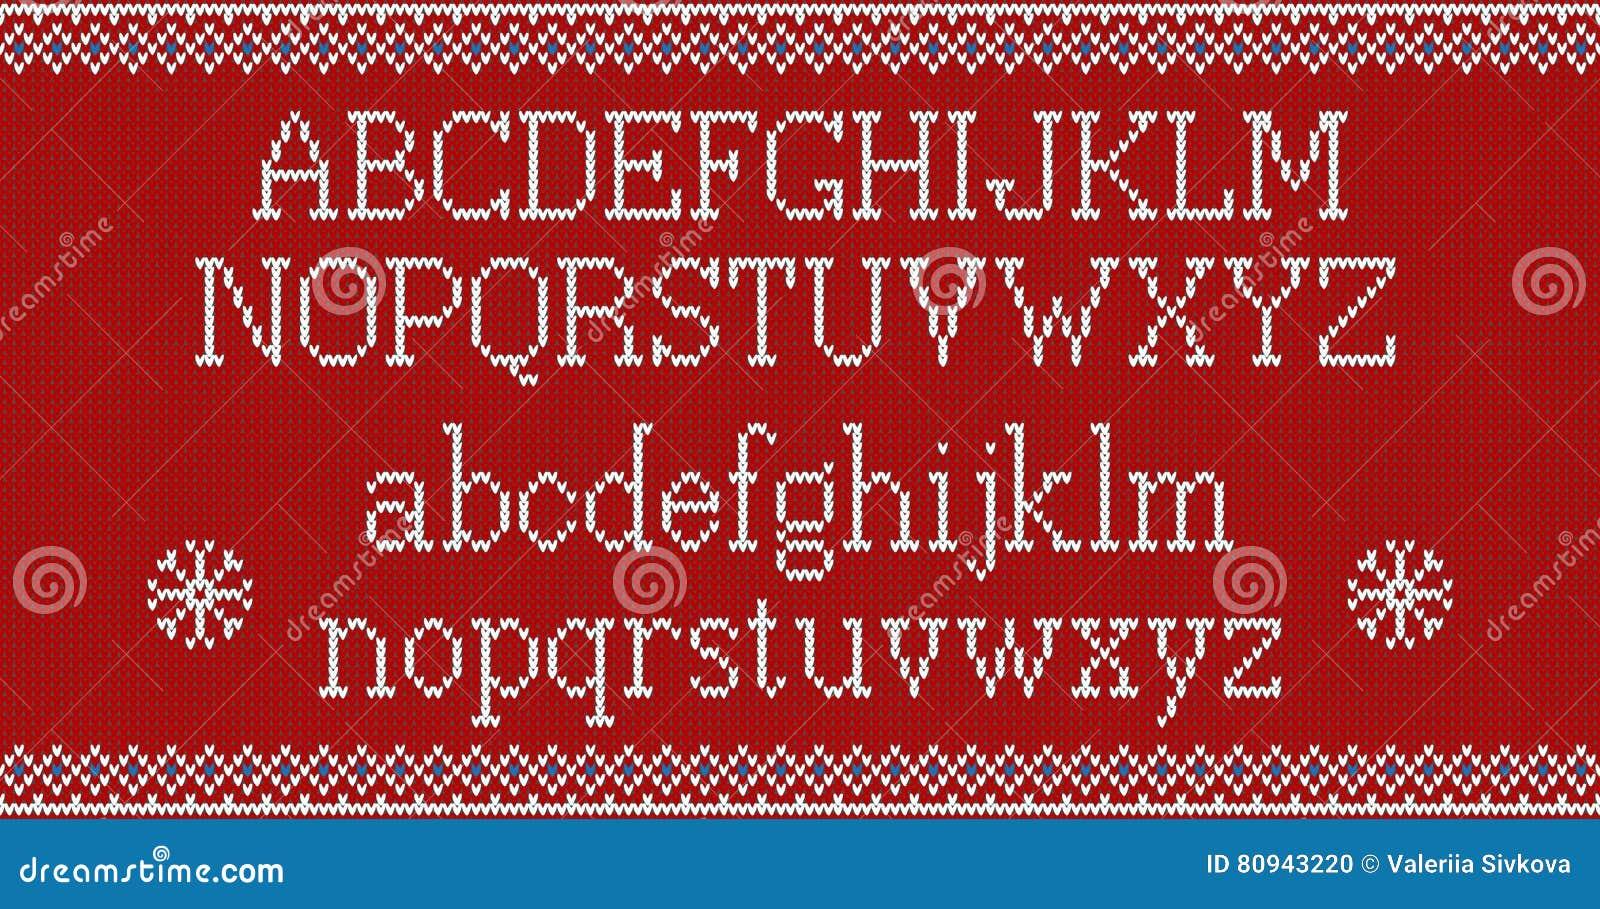 Natale In Latino.Fonte Di Natale Alfabeto Latino Tricottato Sul Modello